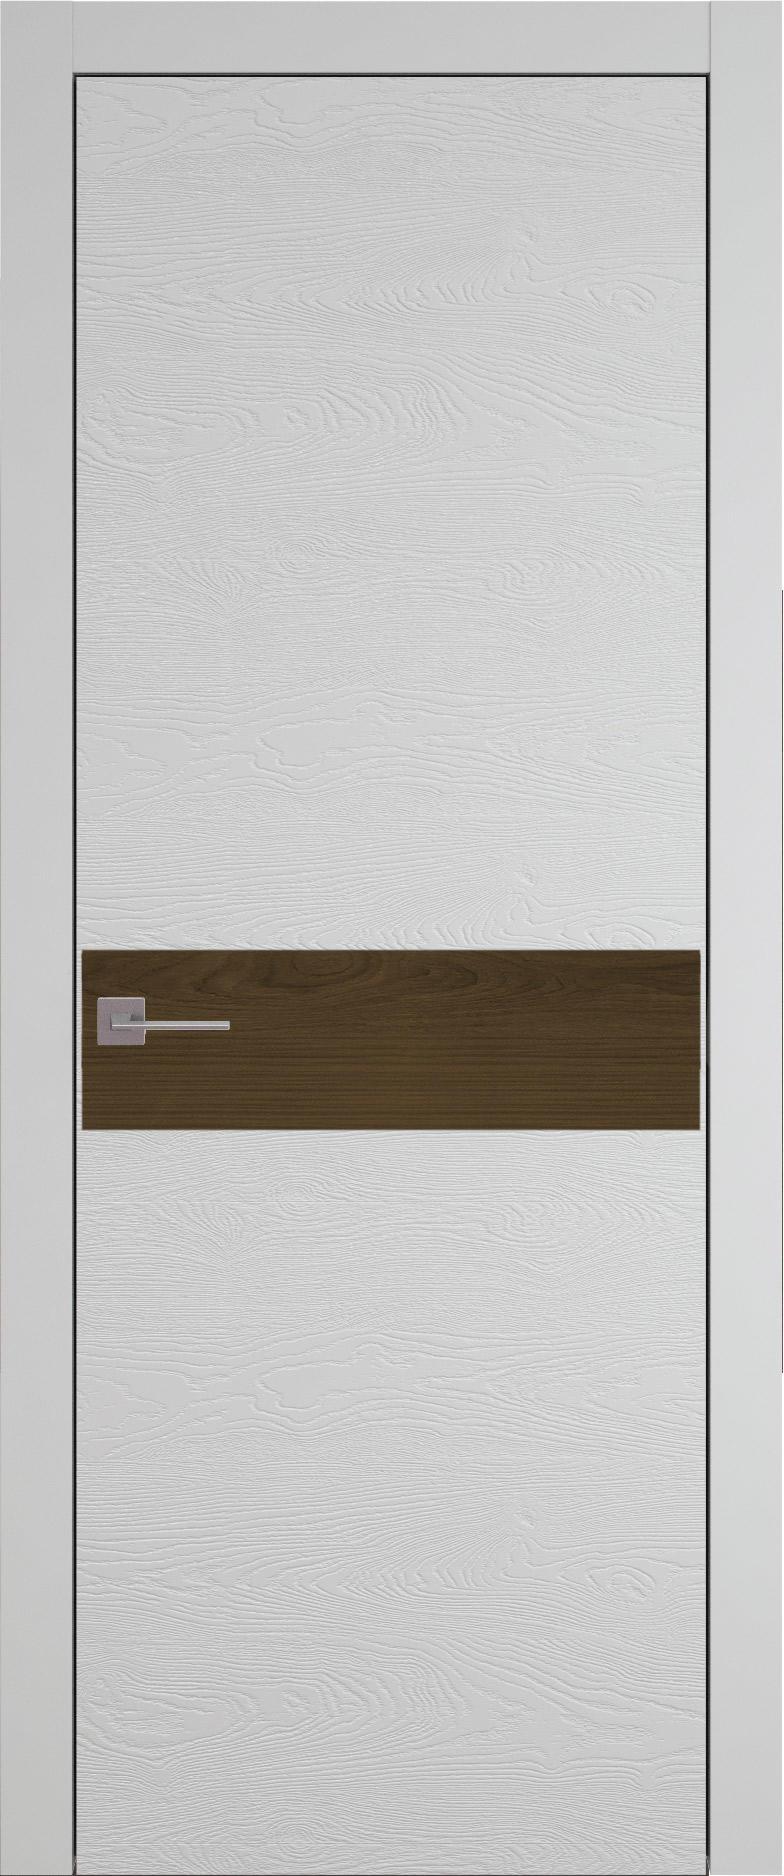 Tivoli И-4 цвет - Серая эмаль по шпону (RAL 7047) Без стекла (ДГ)